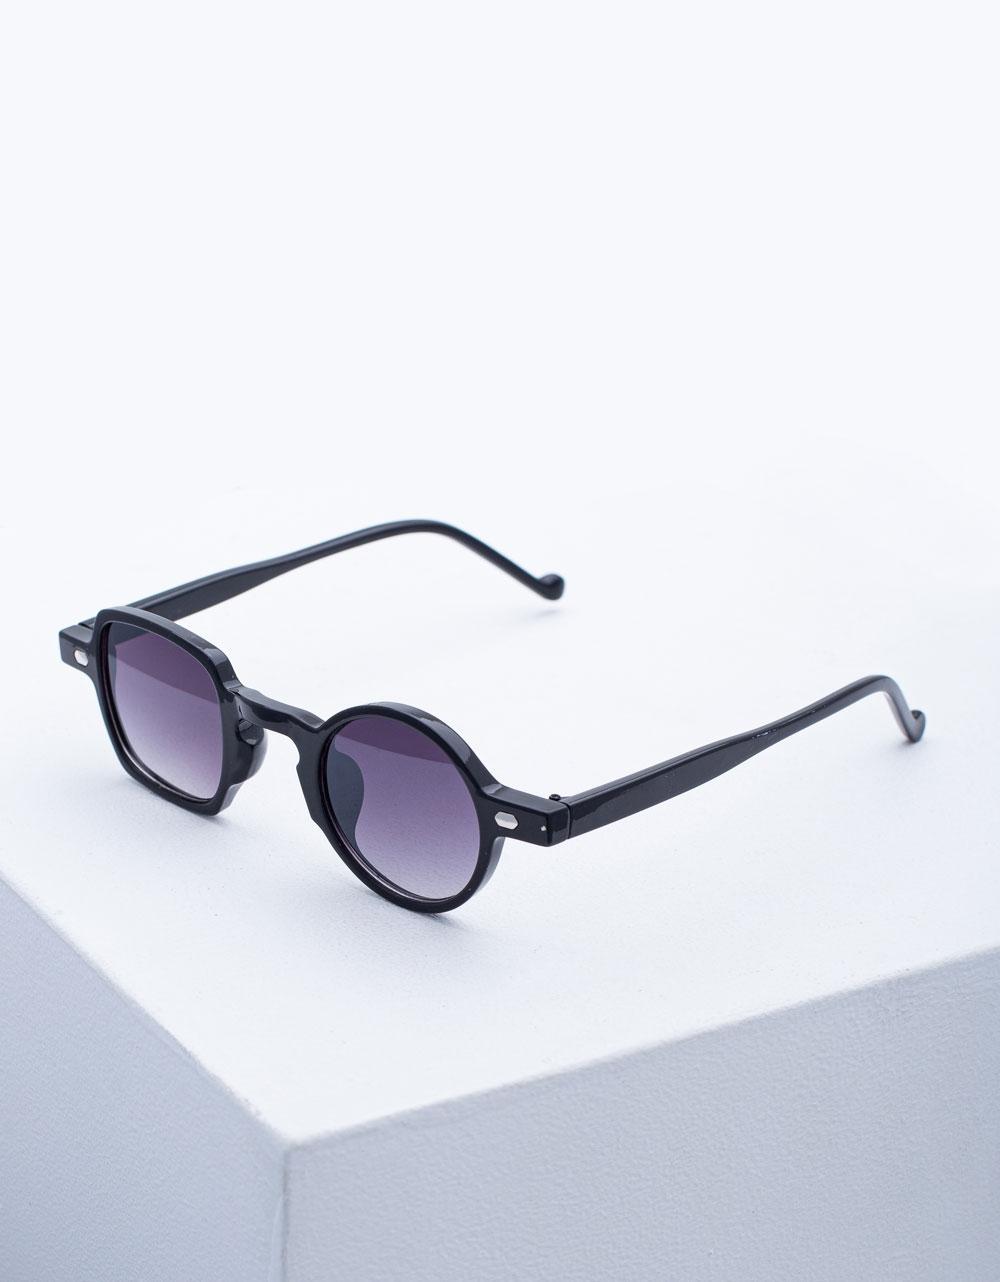 Εικόνα από Γυναικεία γυαλιά ηλίου με διαφορετικό σχήμα Μαύρο